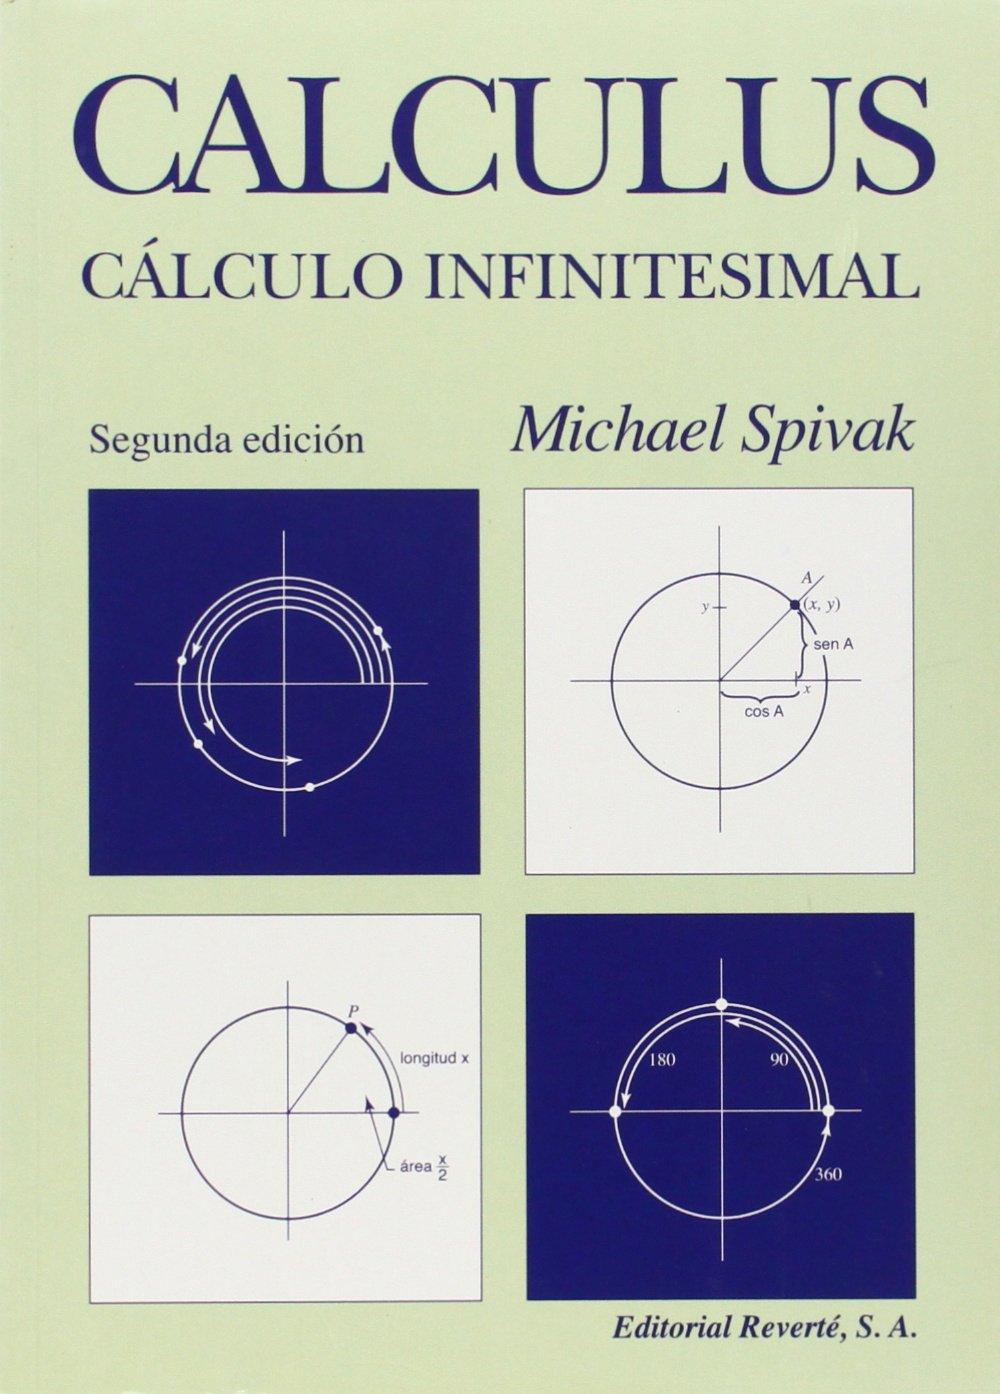 Cálculo Infinitesimal, 2da Edición – Michael Spivak